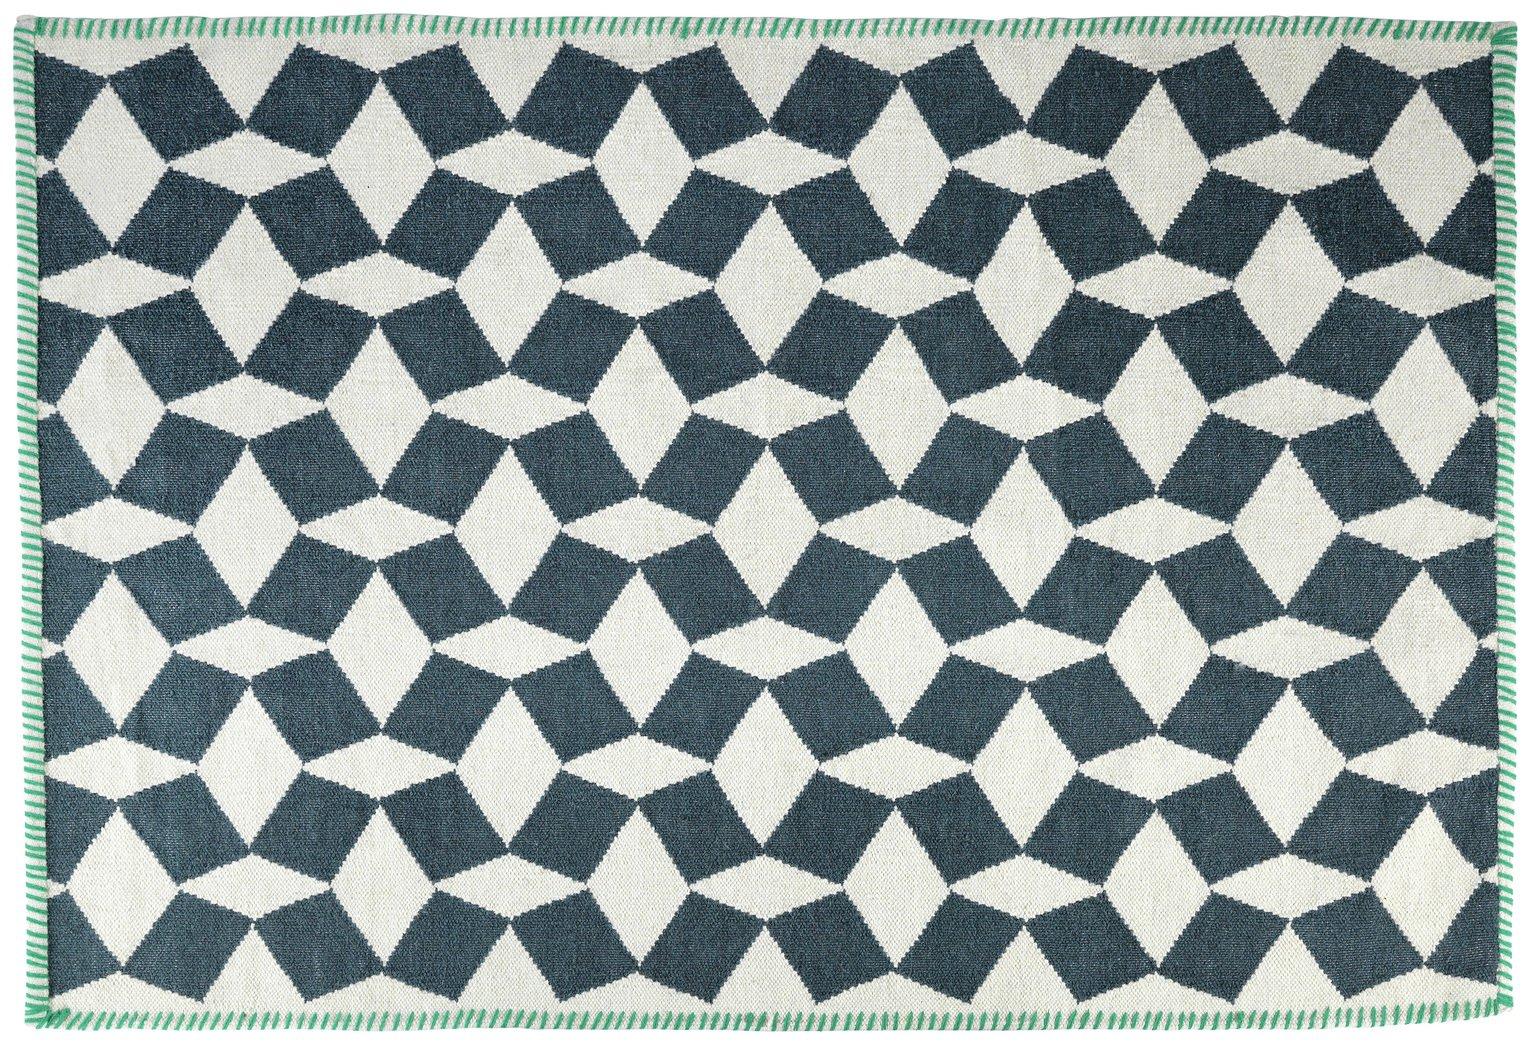 Habitat Tiles Rug - 120x180cm